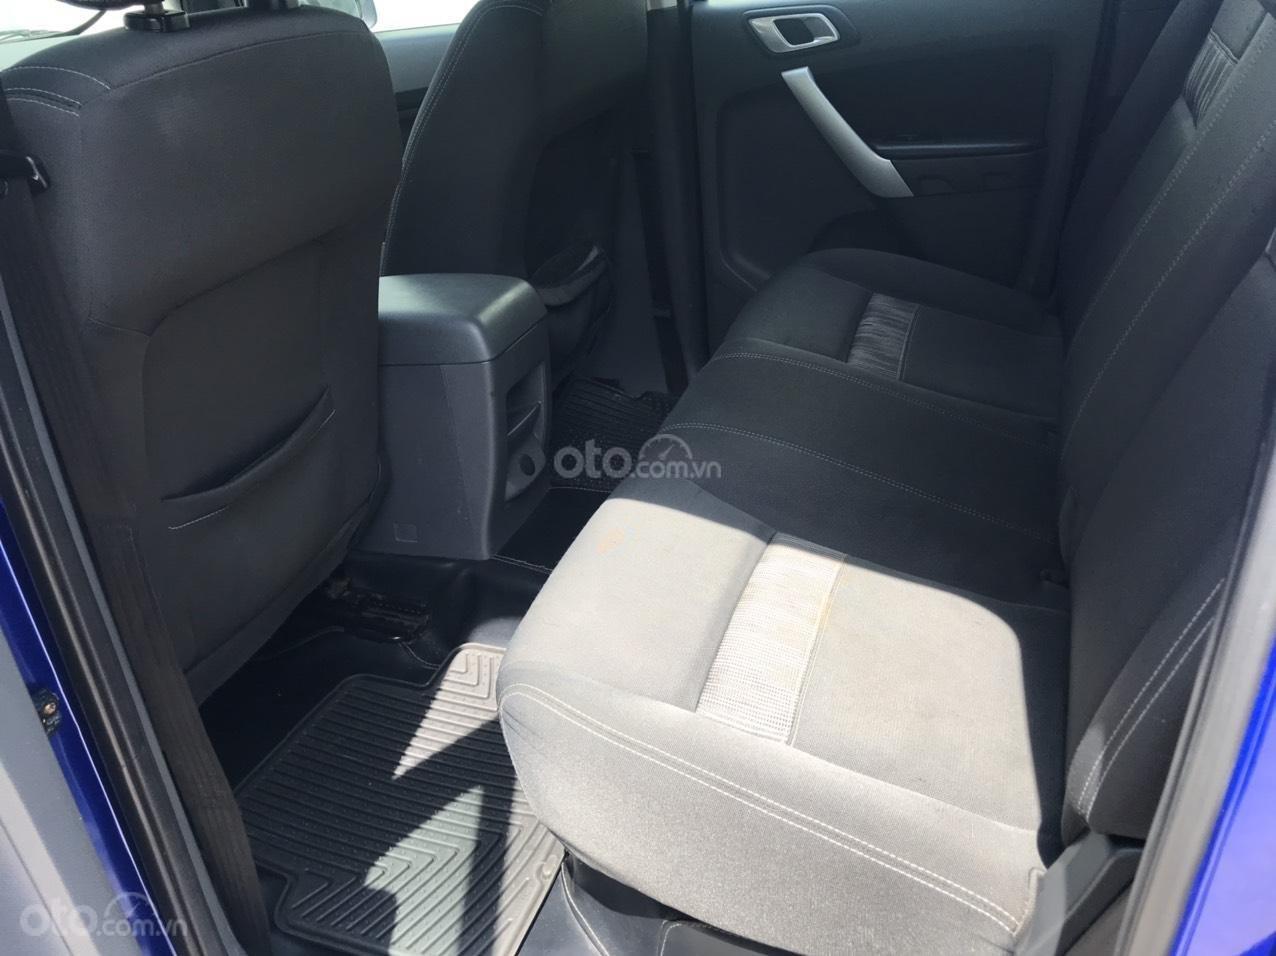 Cần bán Ford Ranger bản XLT MT 2.5L, đời 2015, giá chỉ 485 triệu đồng (6)